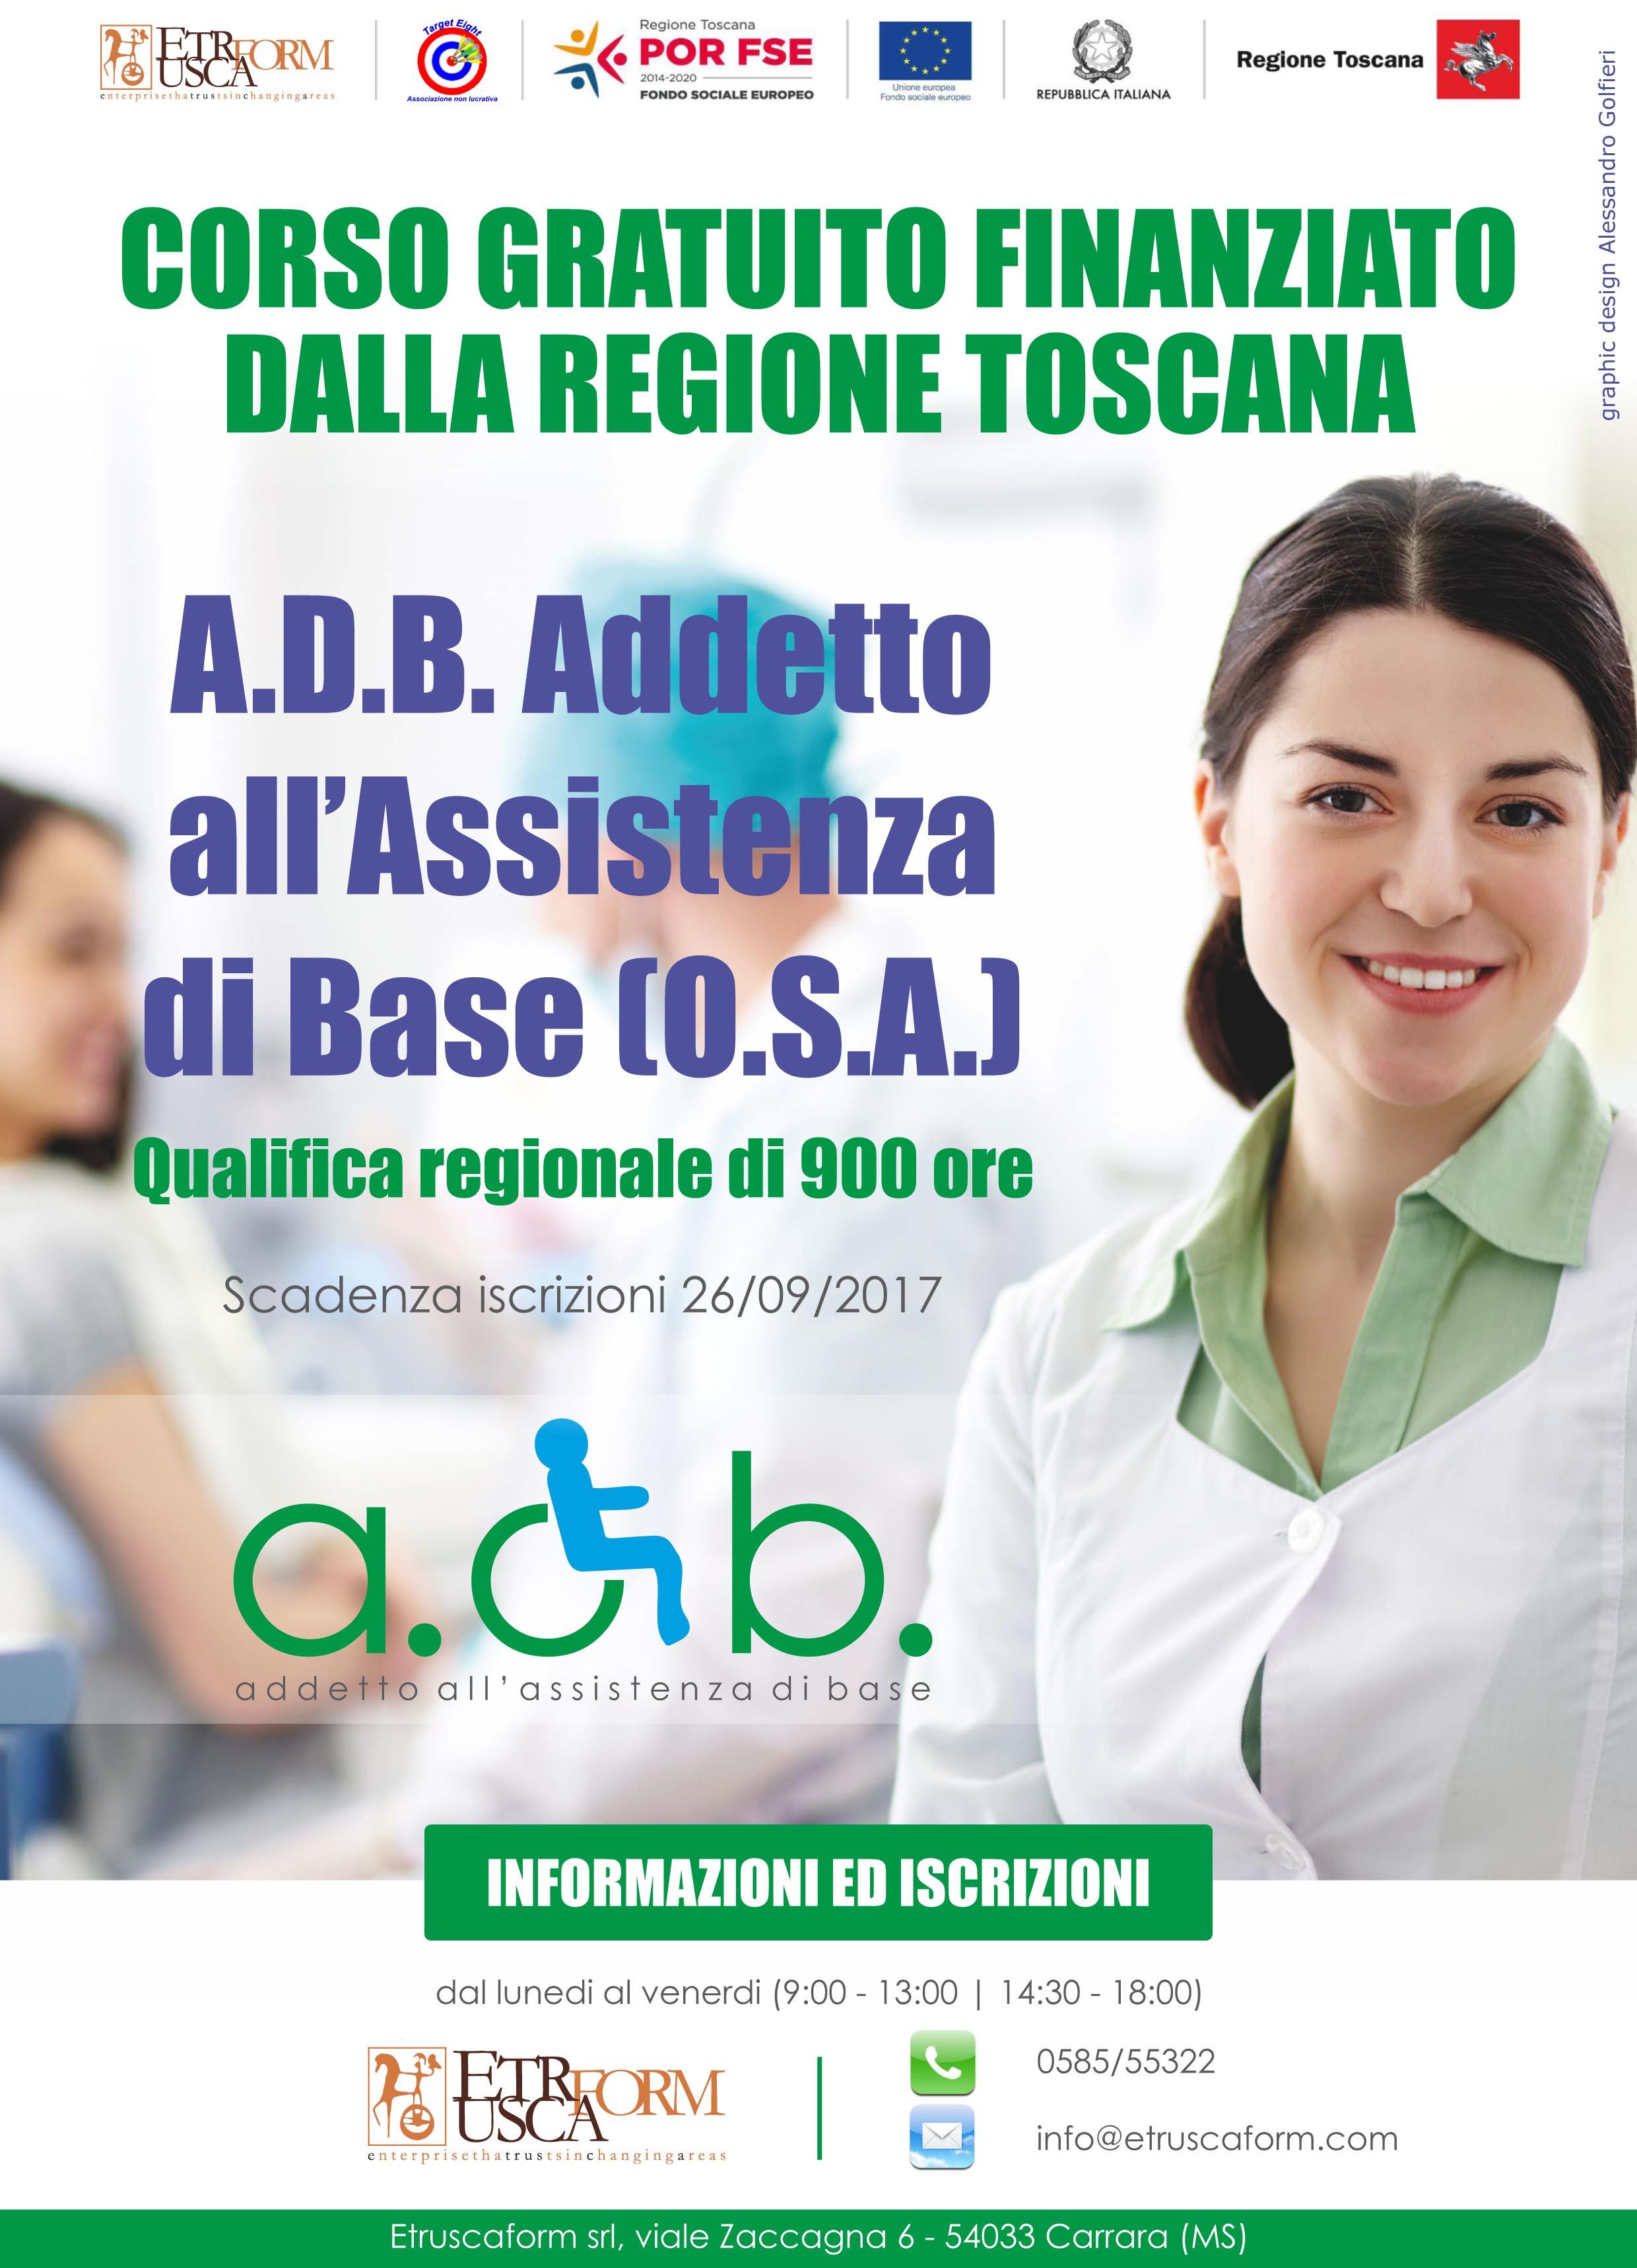 A.D.B. Addetto all'assistenza di base (O.S.A.)